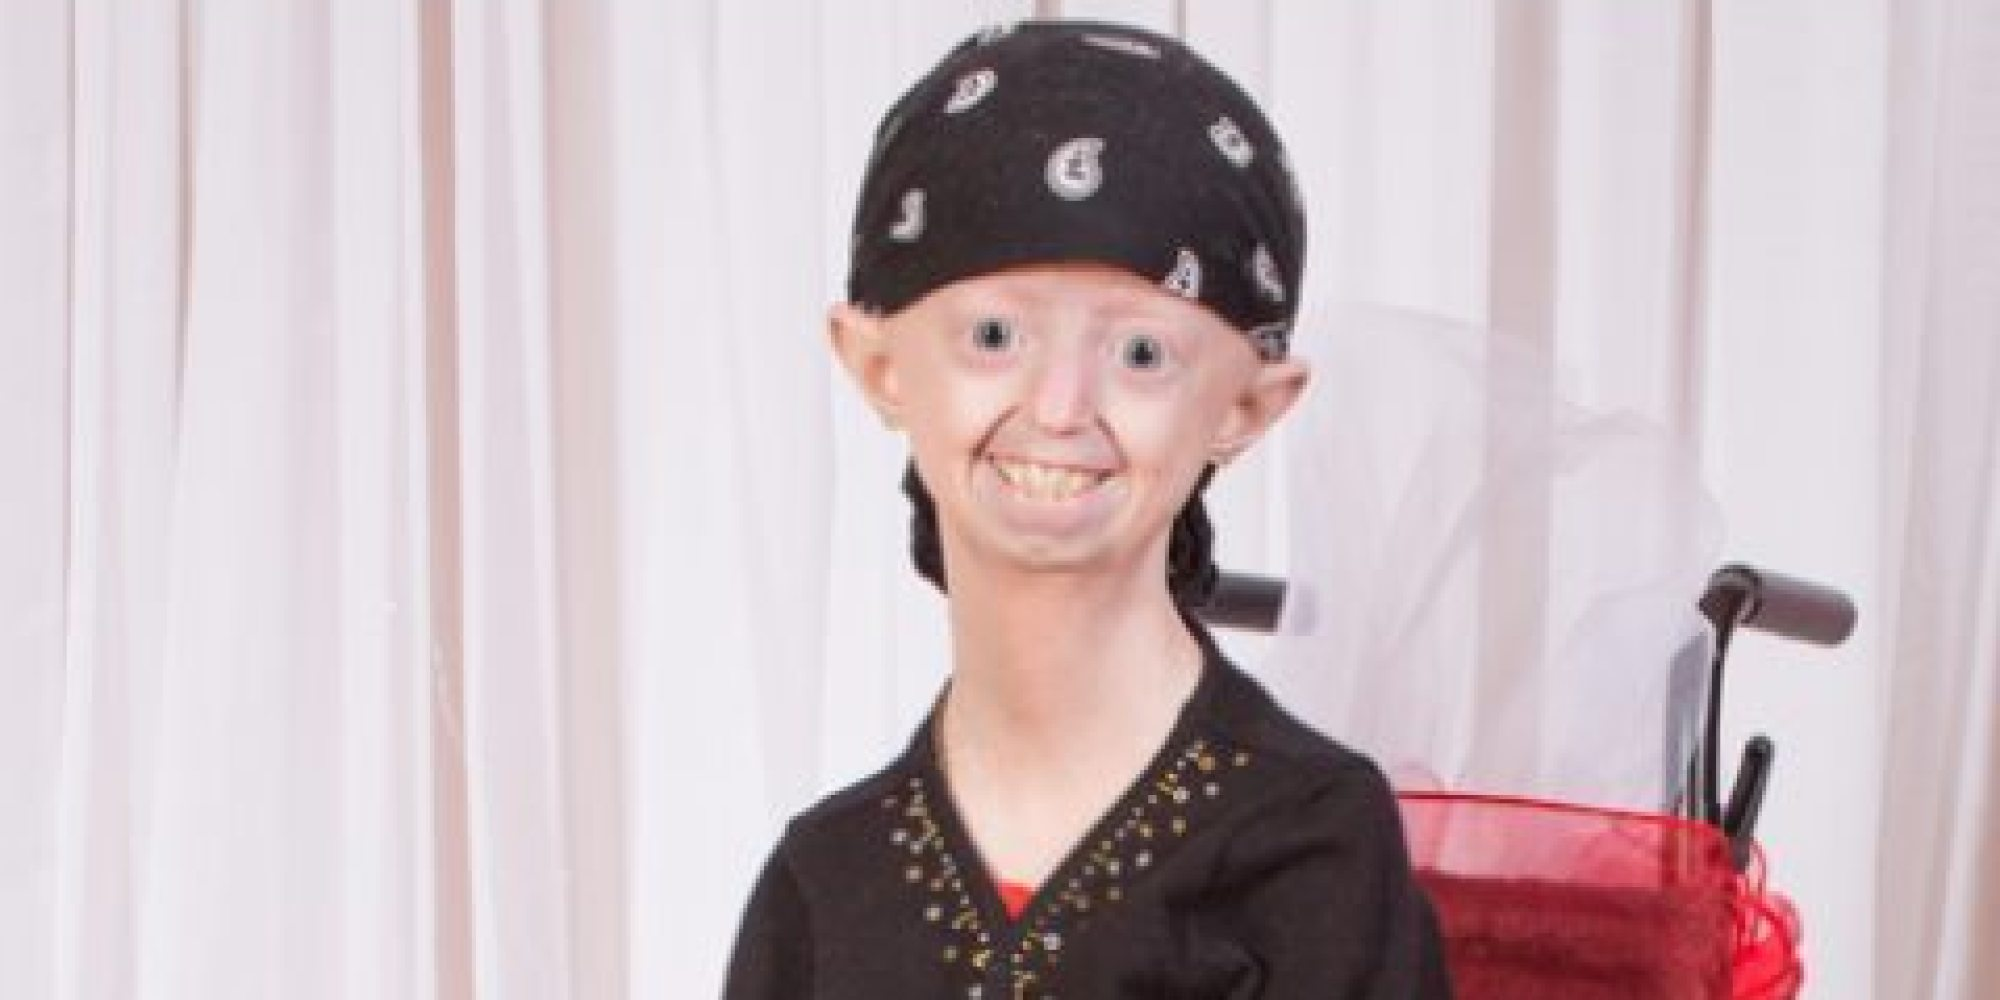 Hayley Okines, The '100-Year-Old Teeanger', Dies Aged 17 ...  Hayley Okines, ...